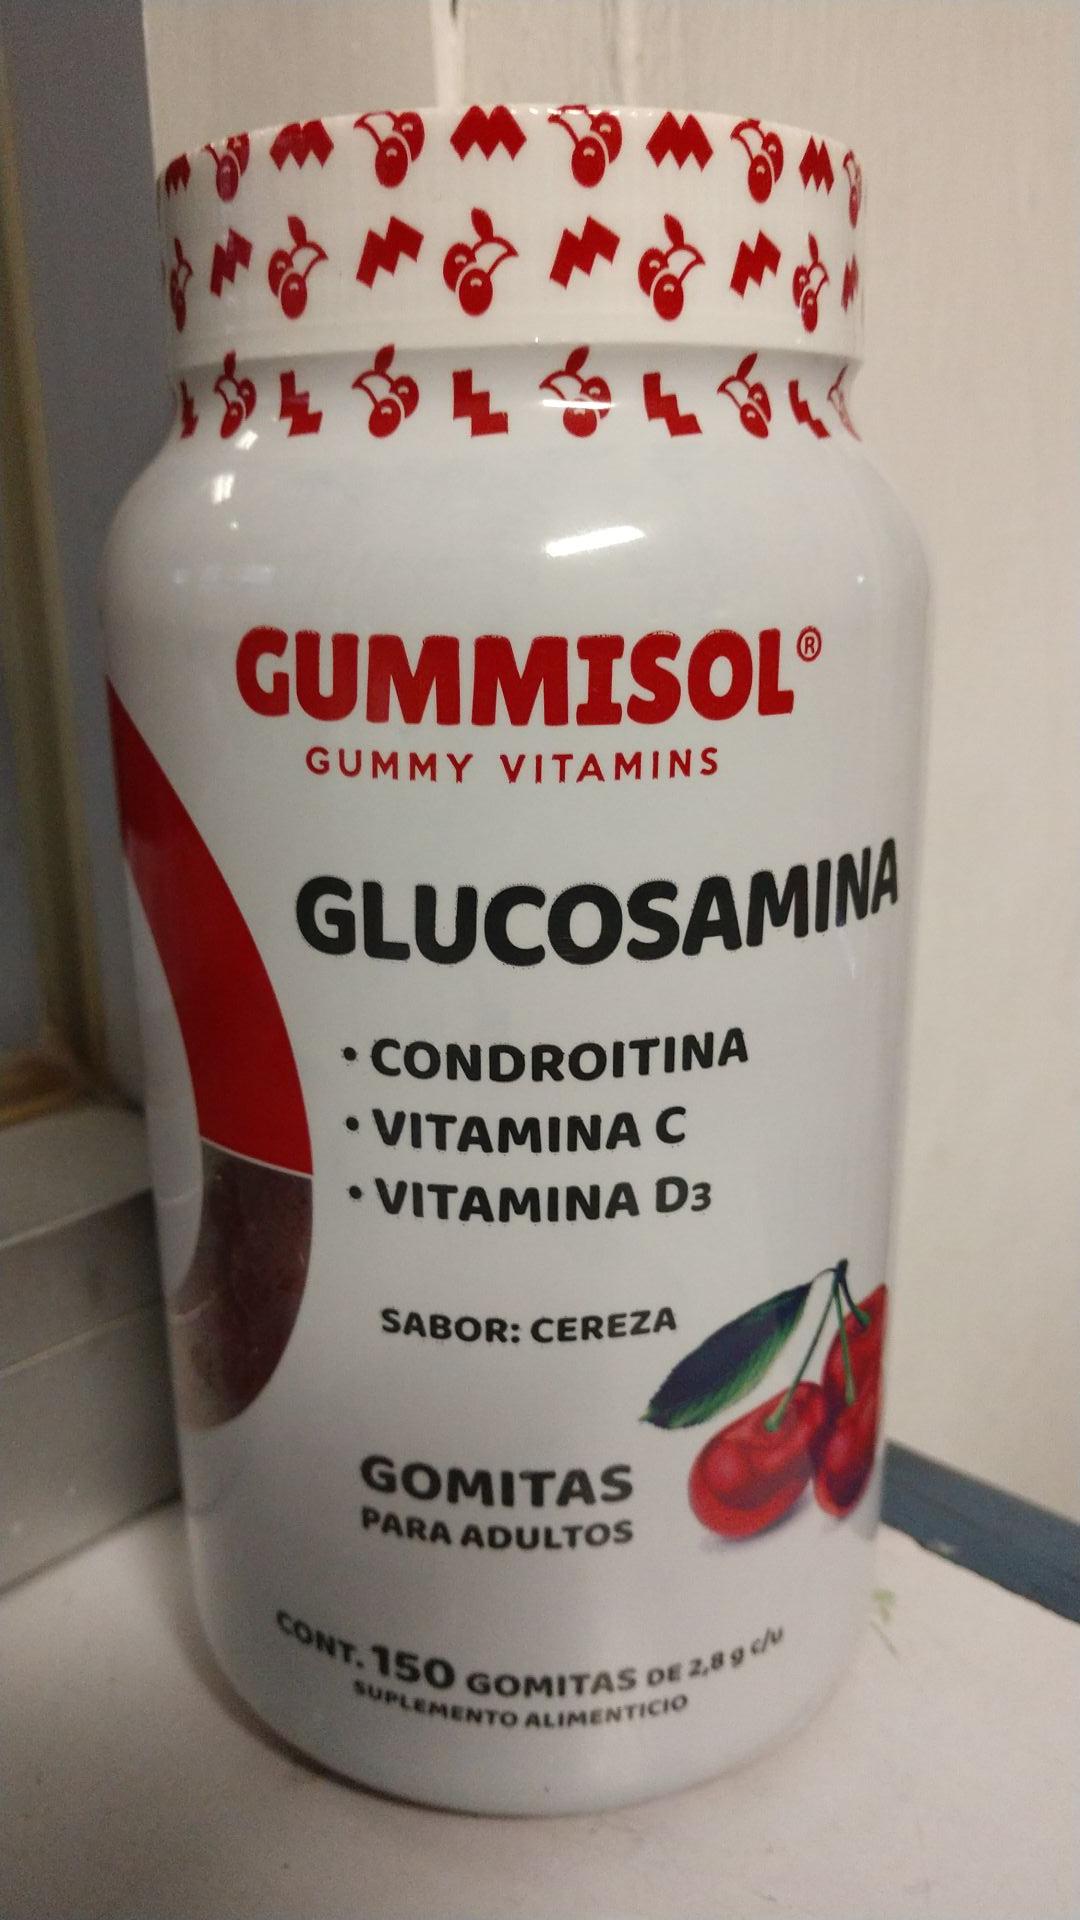 Sam's Club: Glucosamina - Condroitina - Vitamina C - Vitamina D3